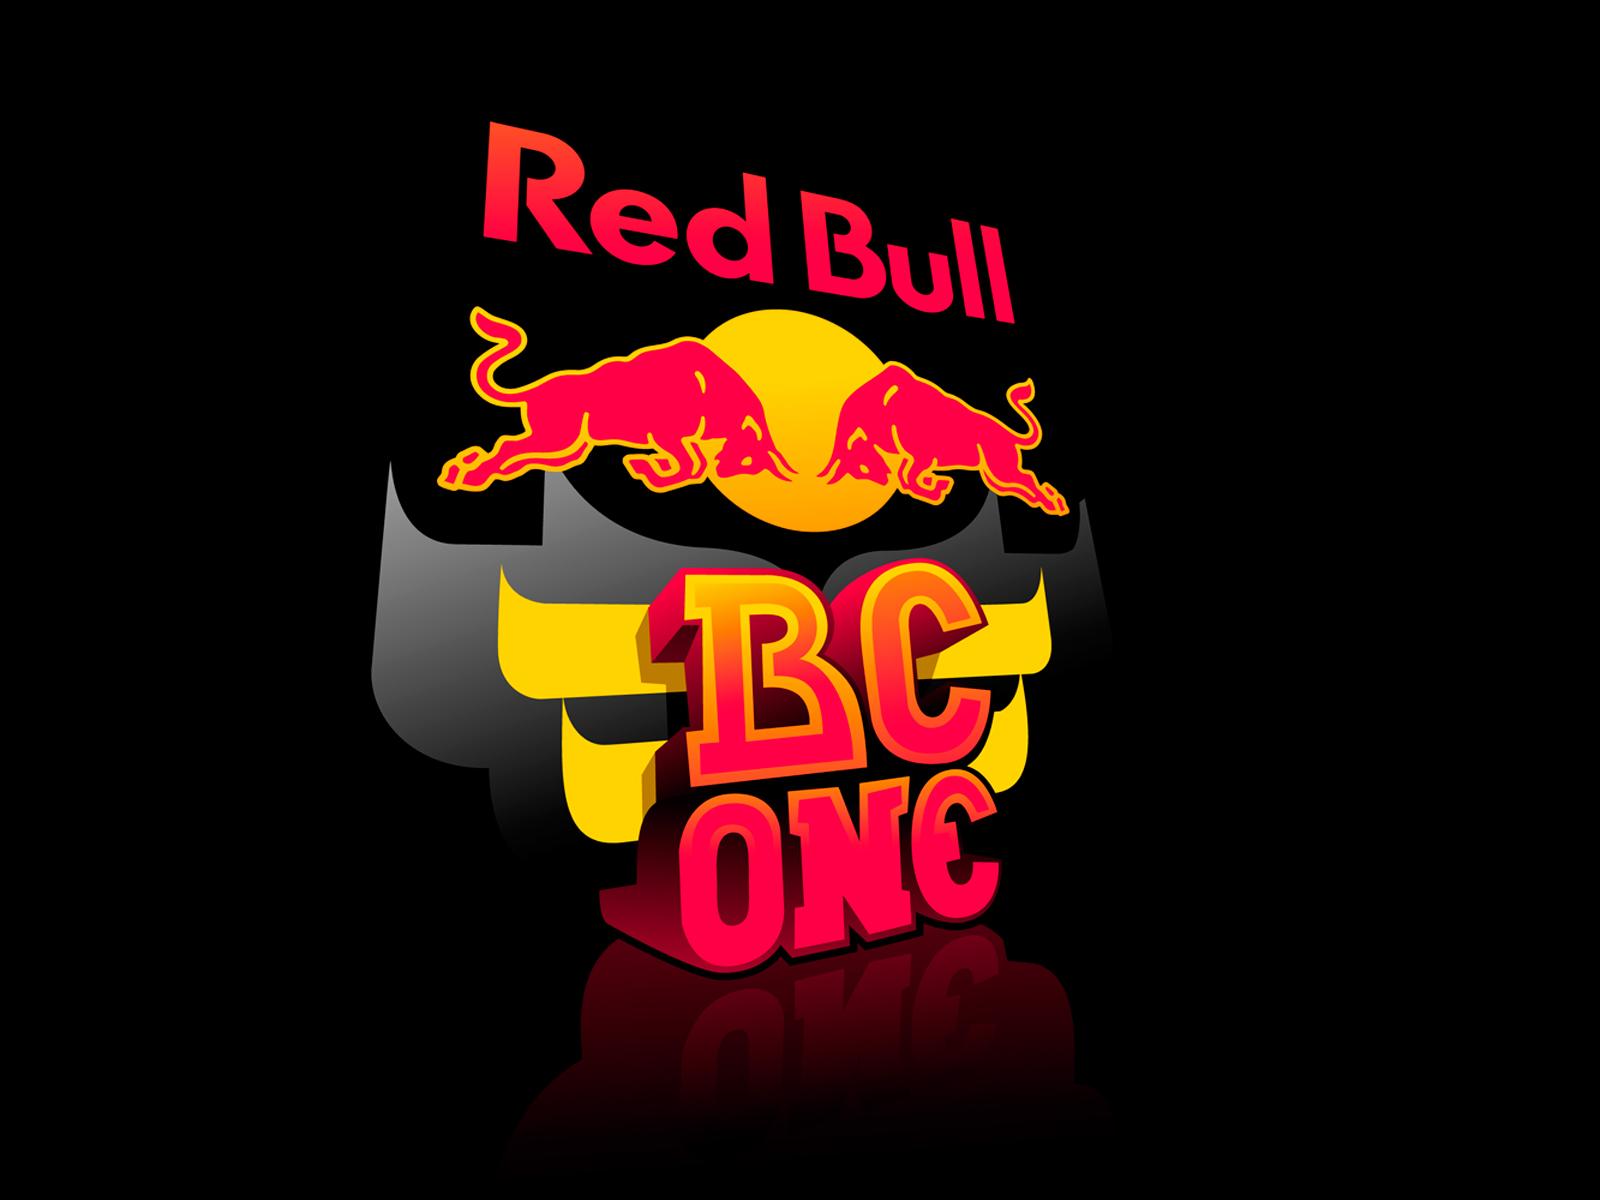 Red Bull Logo 3D Wallpaper